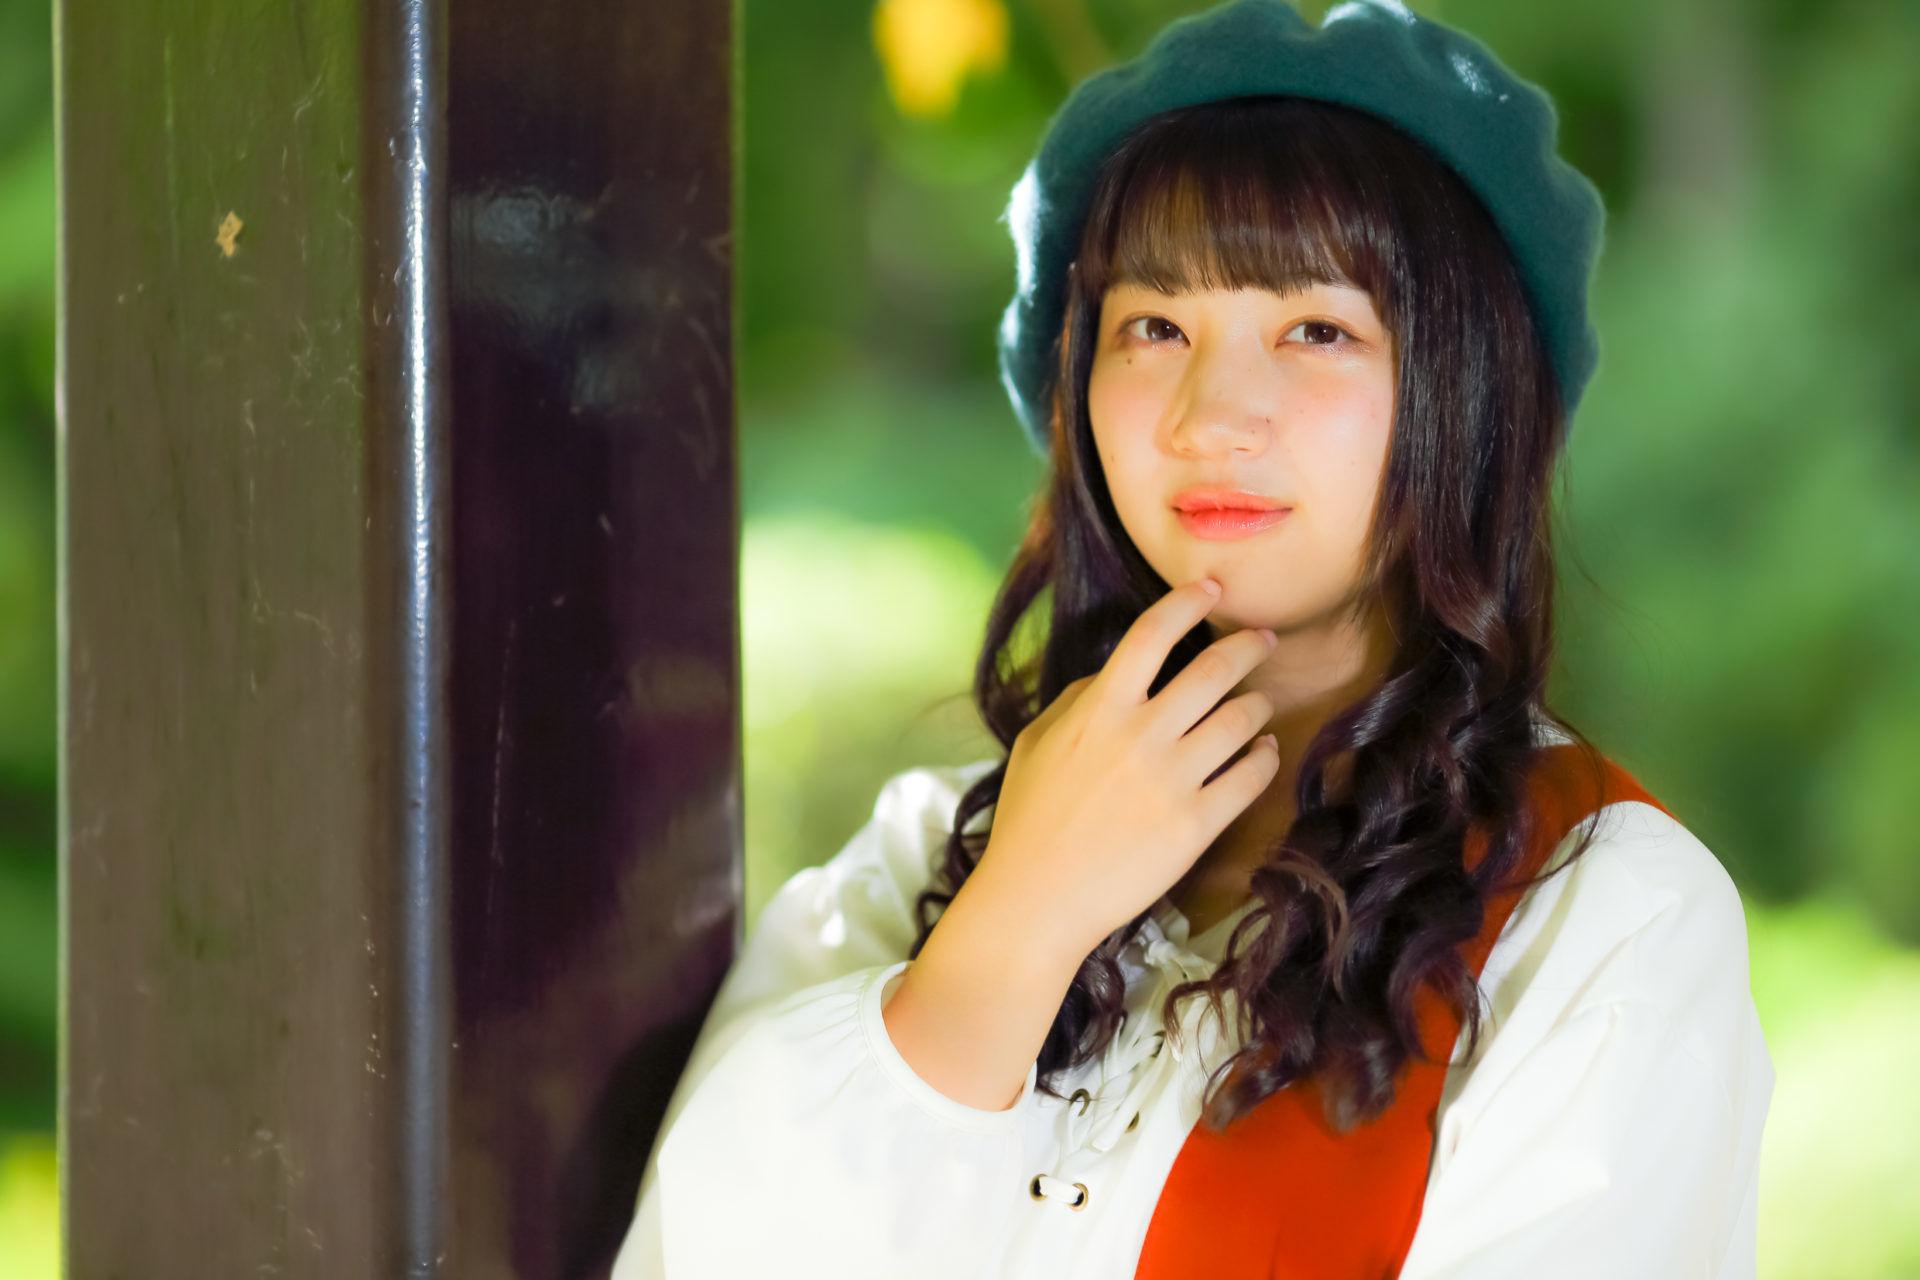 2代目HAPPY少女♪ きょうか ( 山田京佳 )   モデルプロ豊平公園撮影会